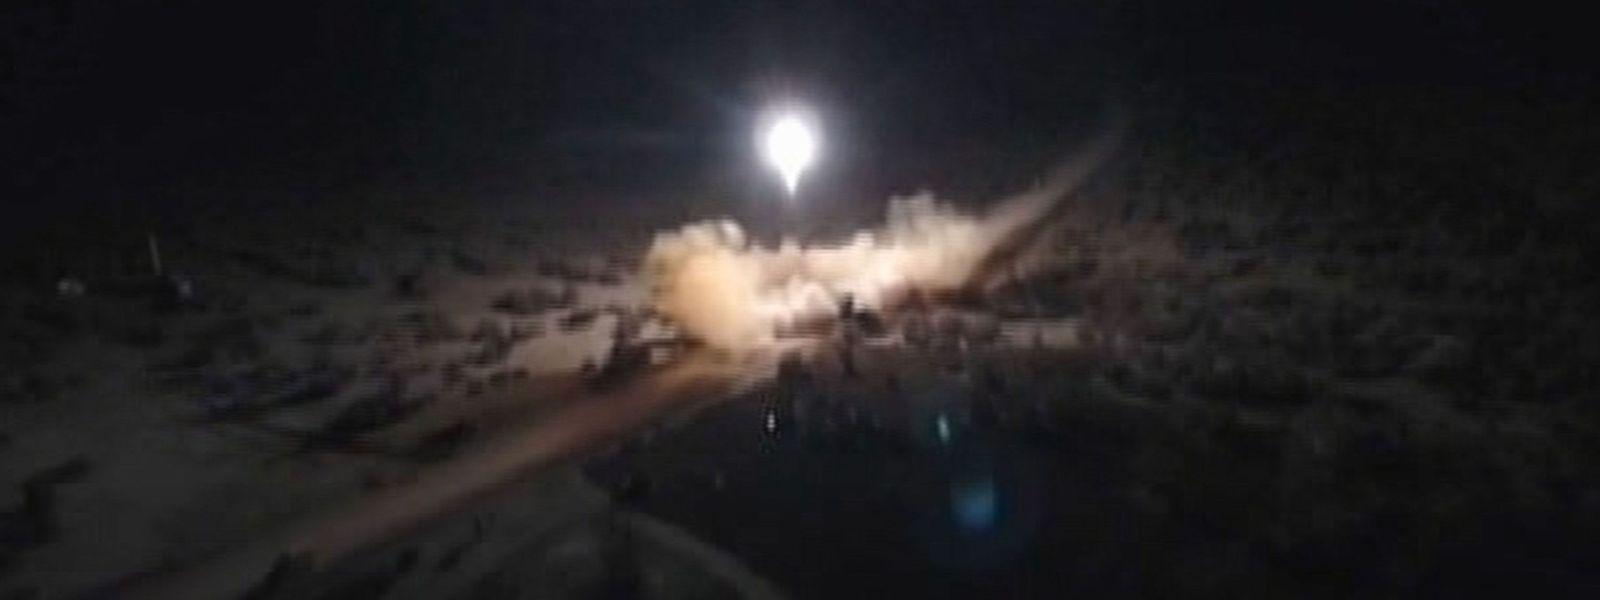 Die iranische Presseagentur verbreitete Bilder des Raketenangriffs.